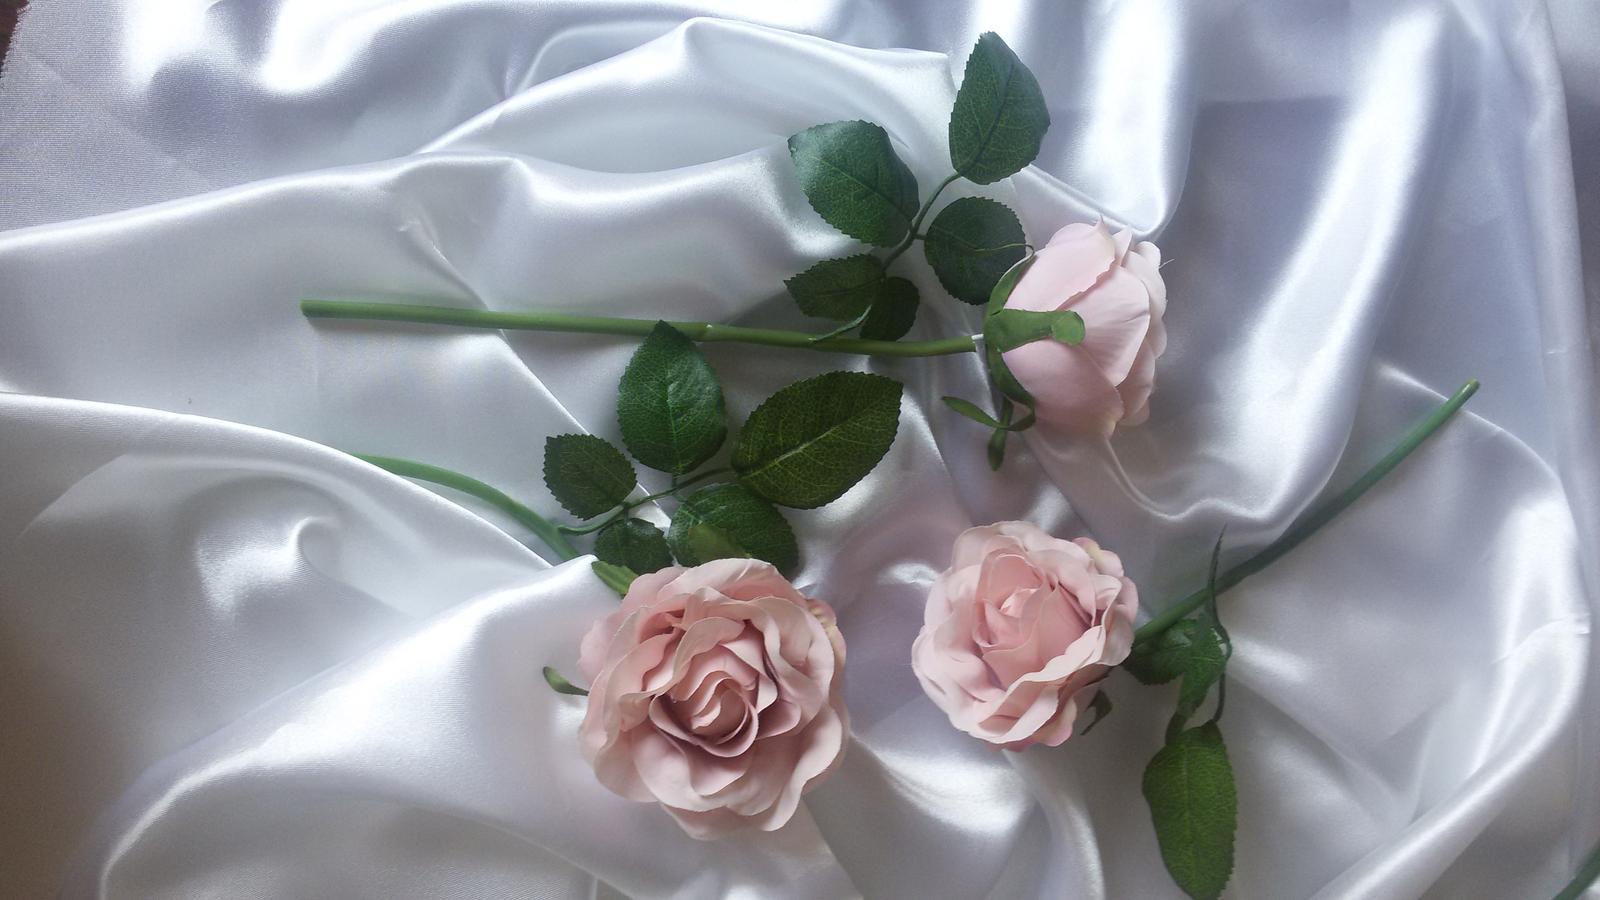 Růžová růže s listy - Obrázek č. 3